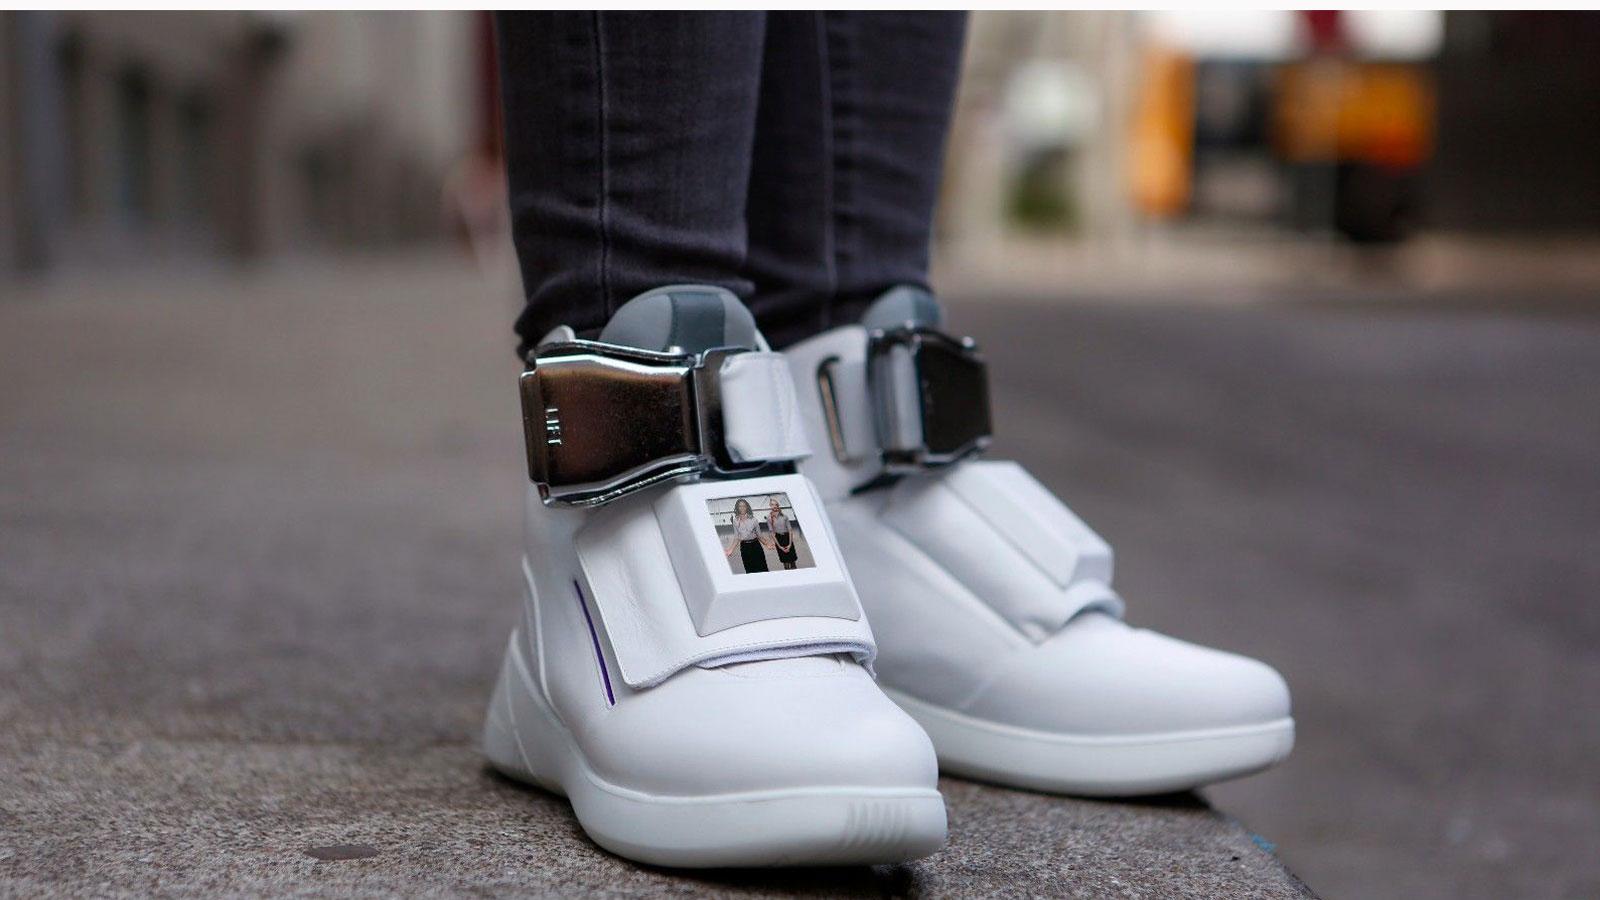 Die First Class Shoes von Virgin America.